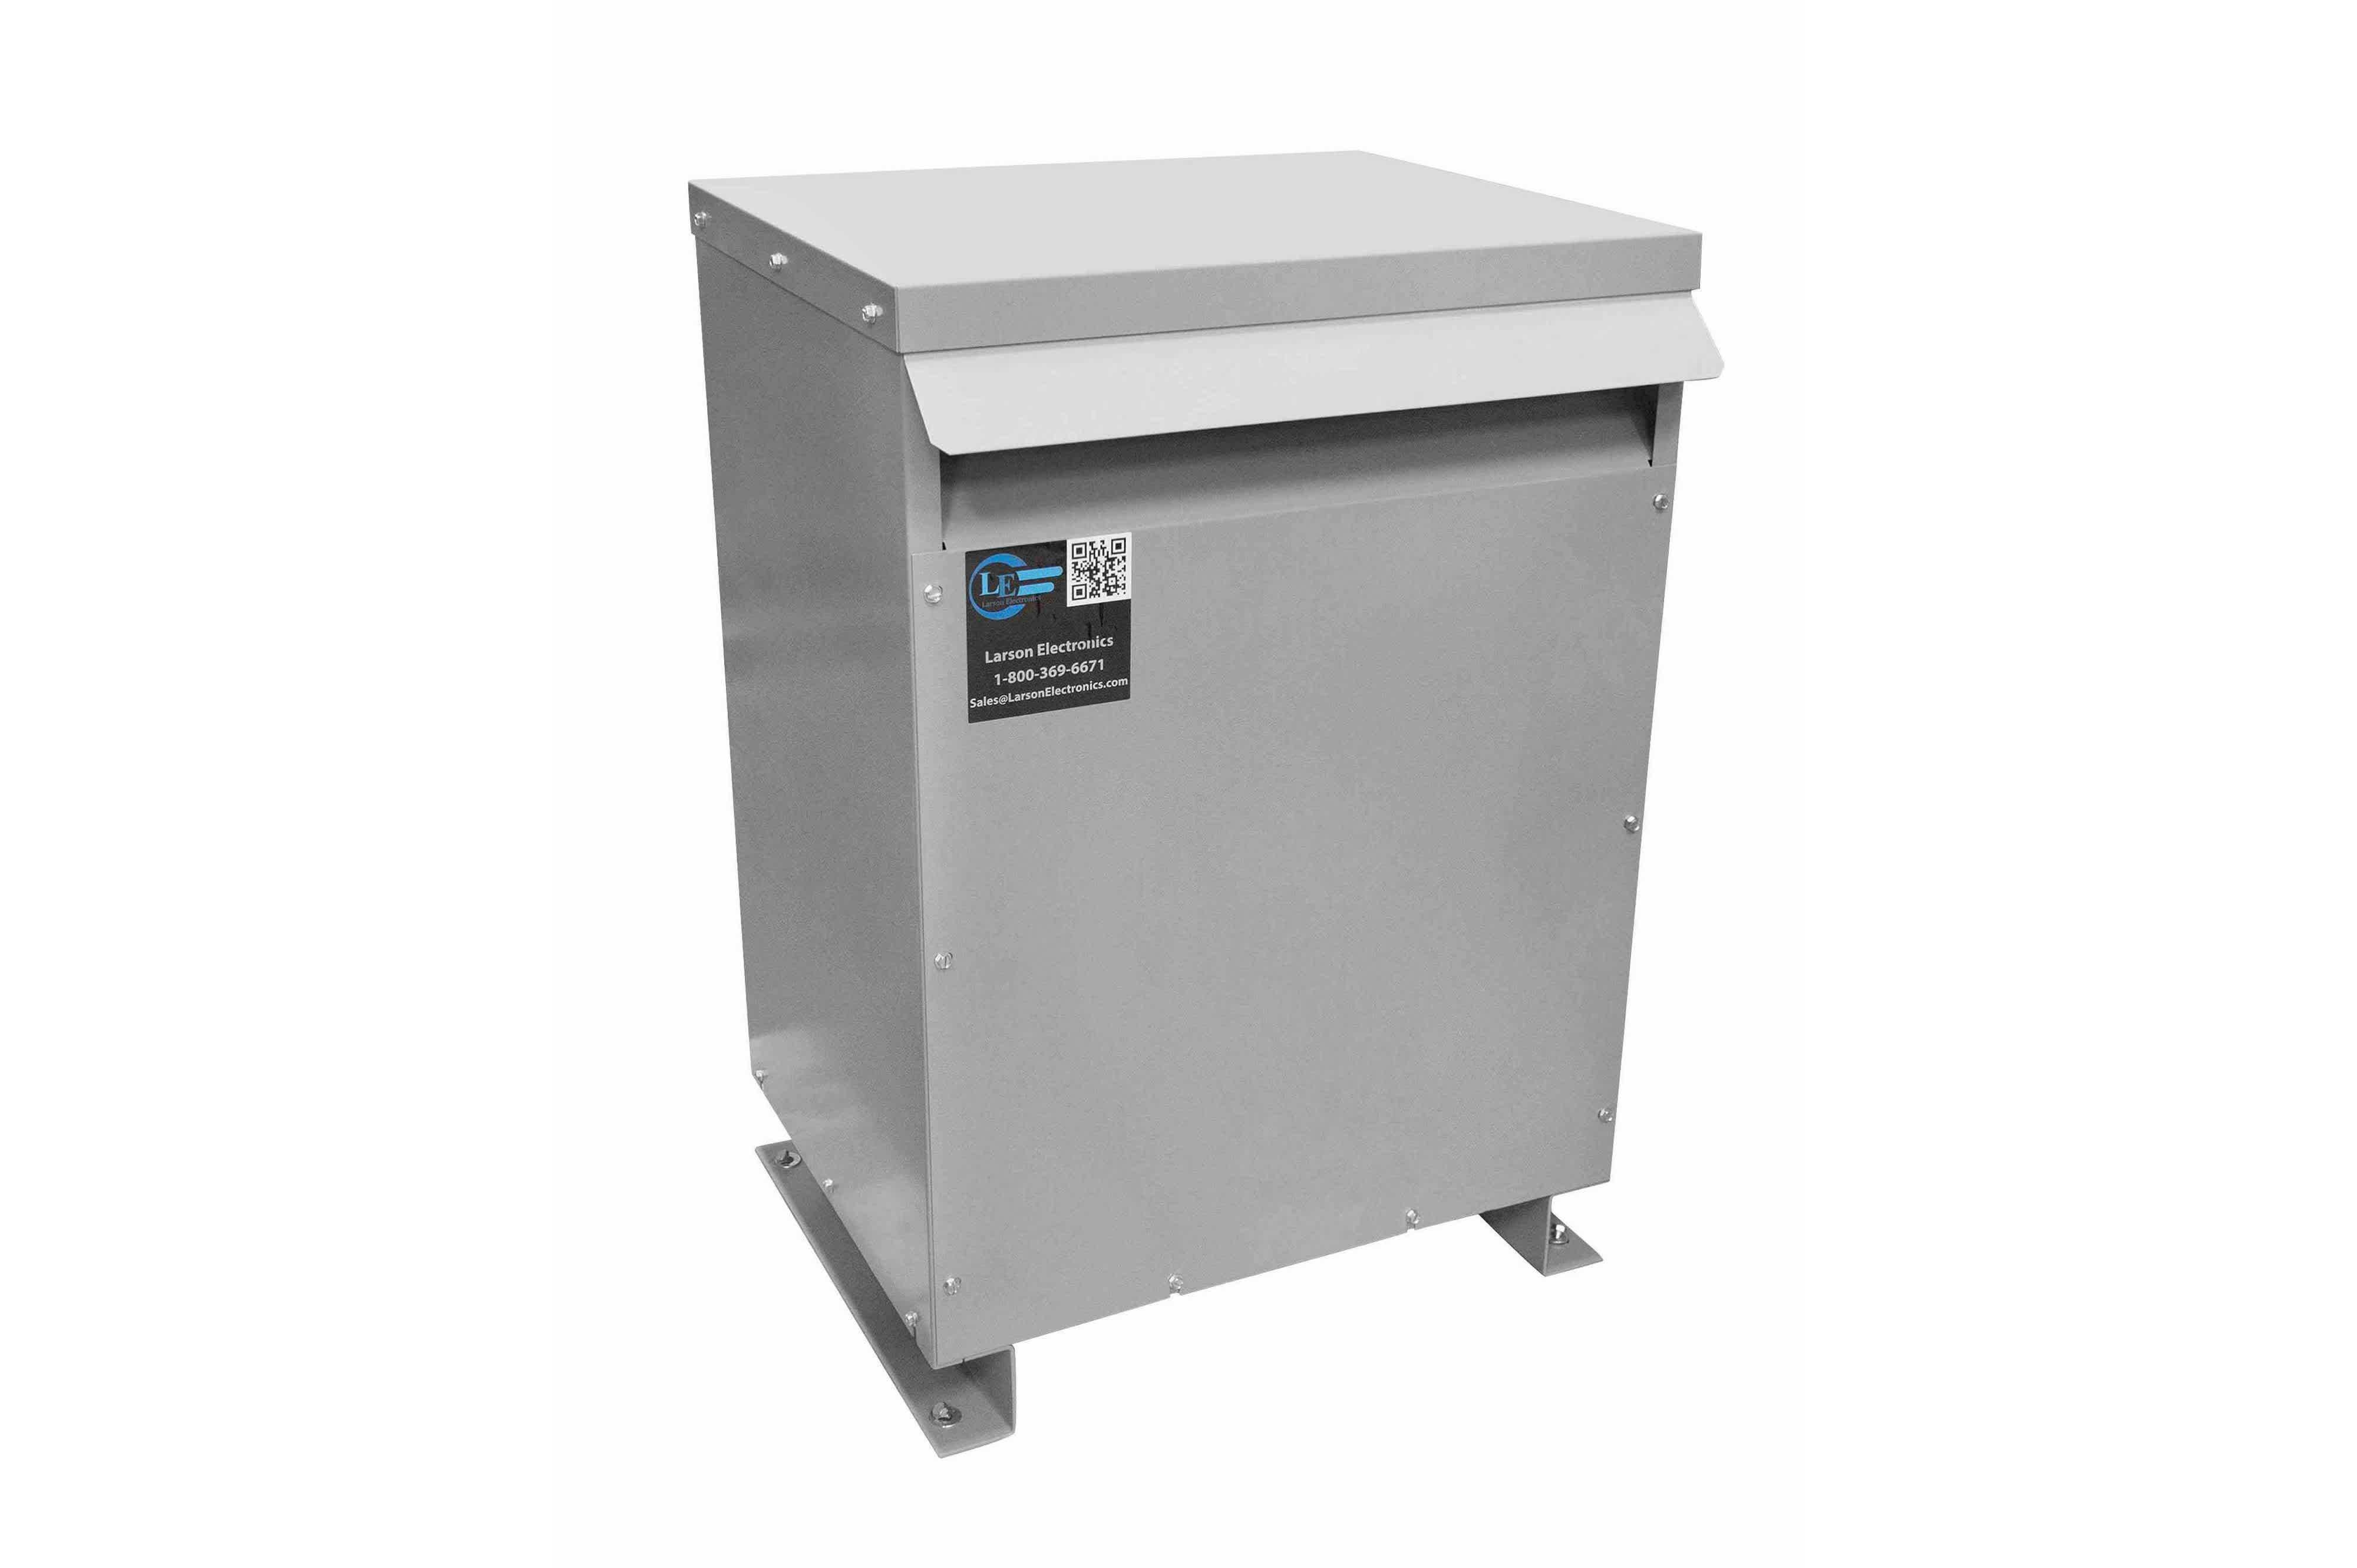 47.5 kVA 3PH Isolation Transformer, 480V Delta Primary, 480V Delta Secondary, N3R, Ventilated, 60 Hz